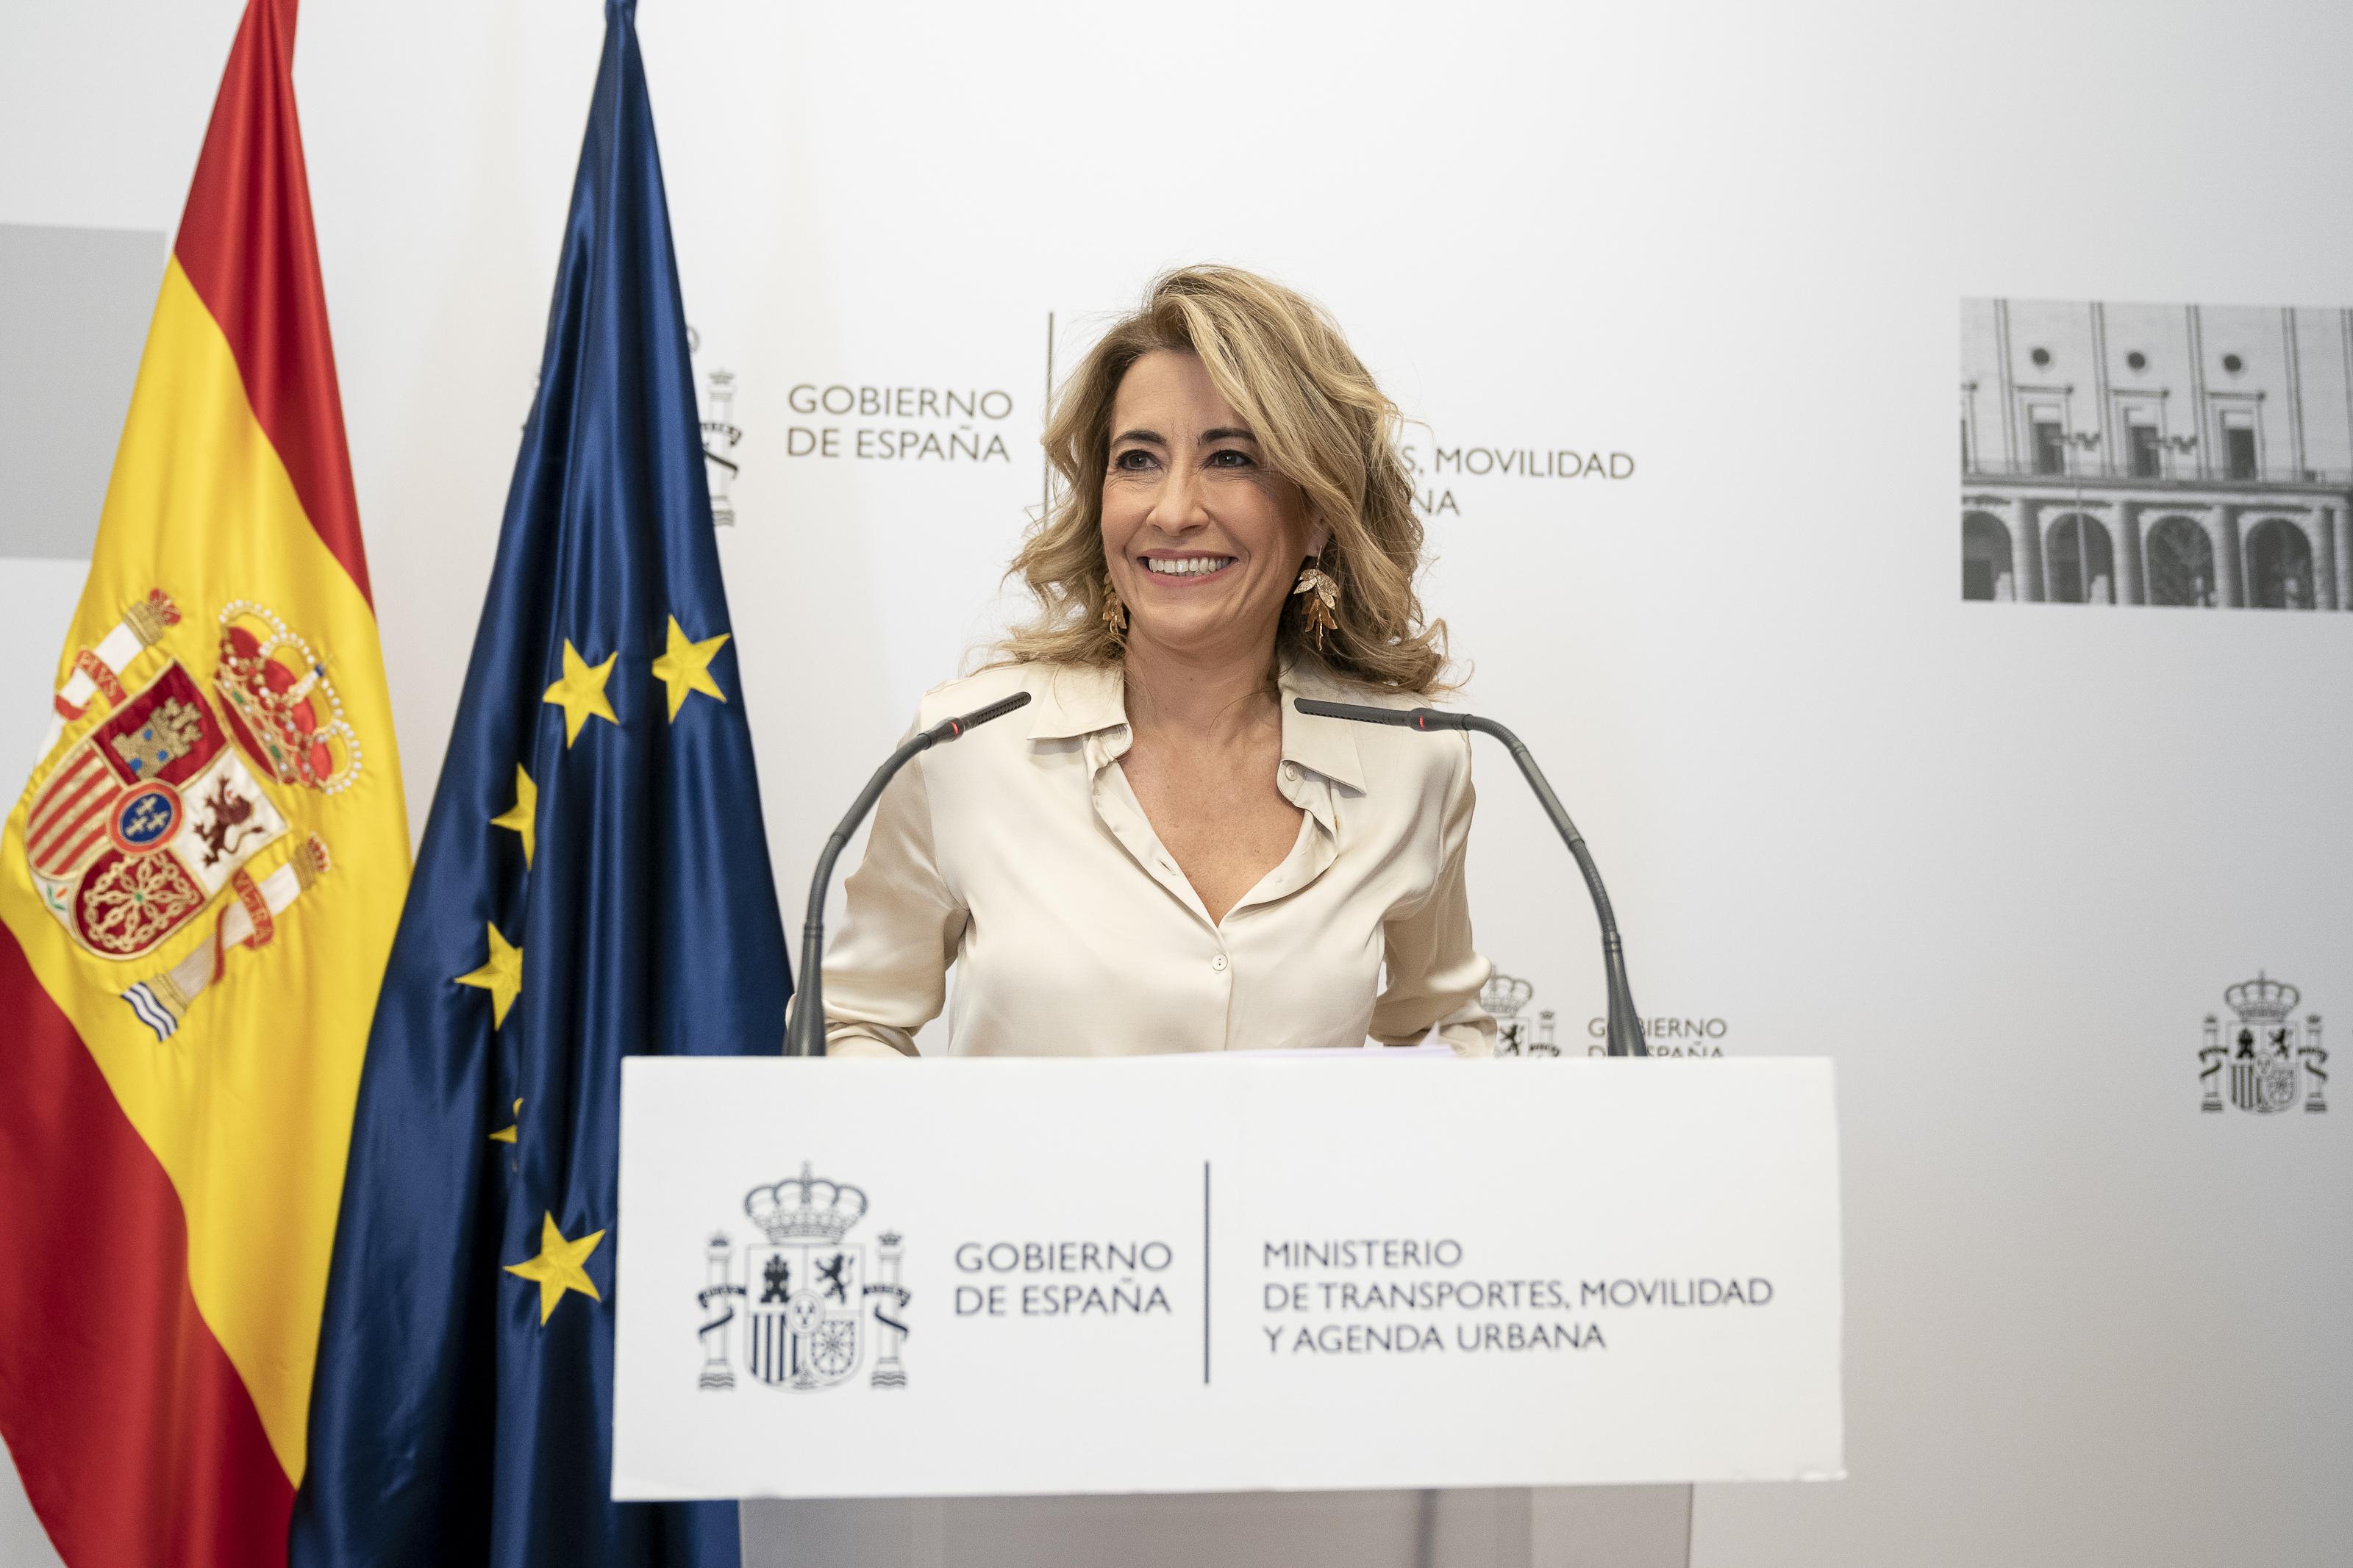 La ministra de Transportes, Movilidad y Agenda Urbana, Raquel Sánchez / A. Pérez Meca - Europa Press